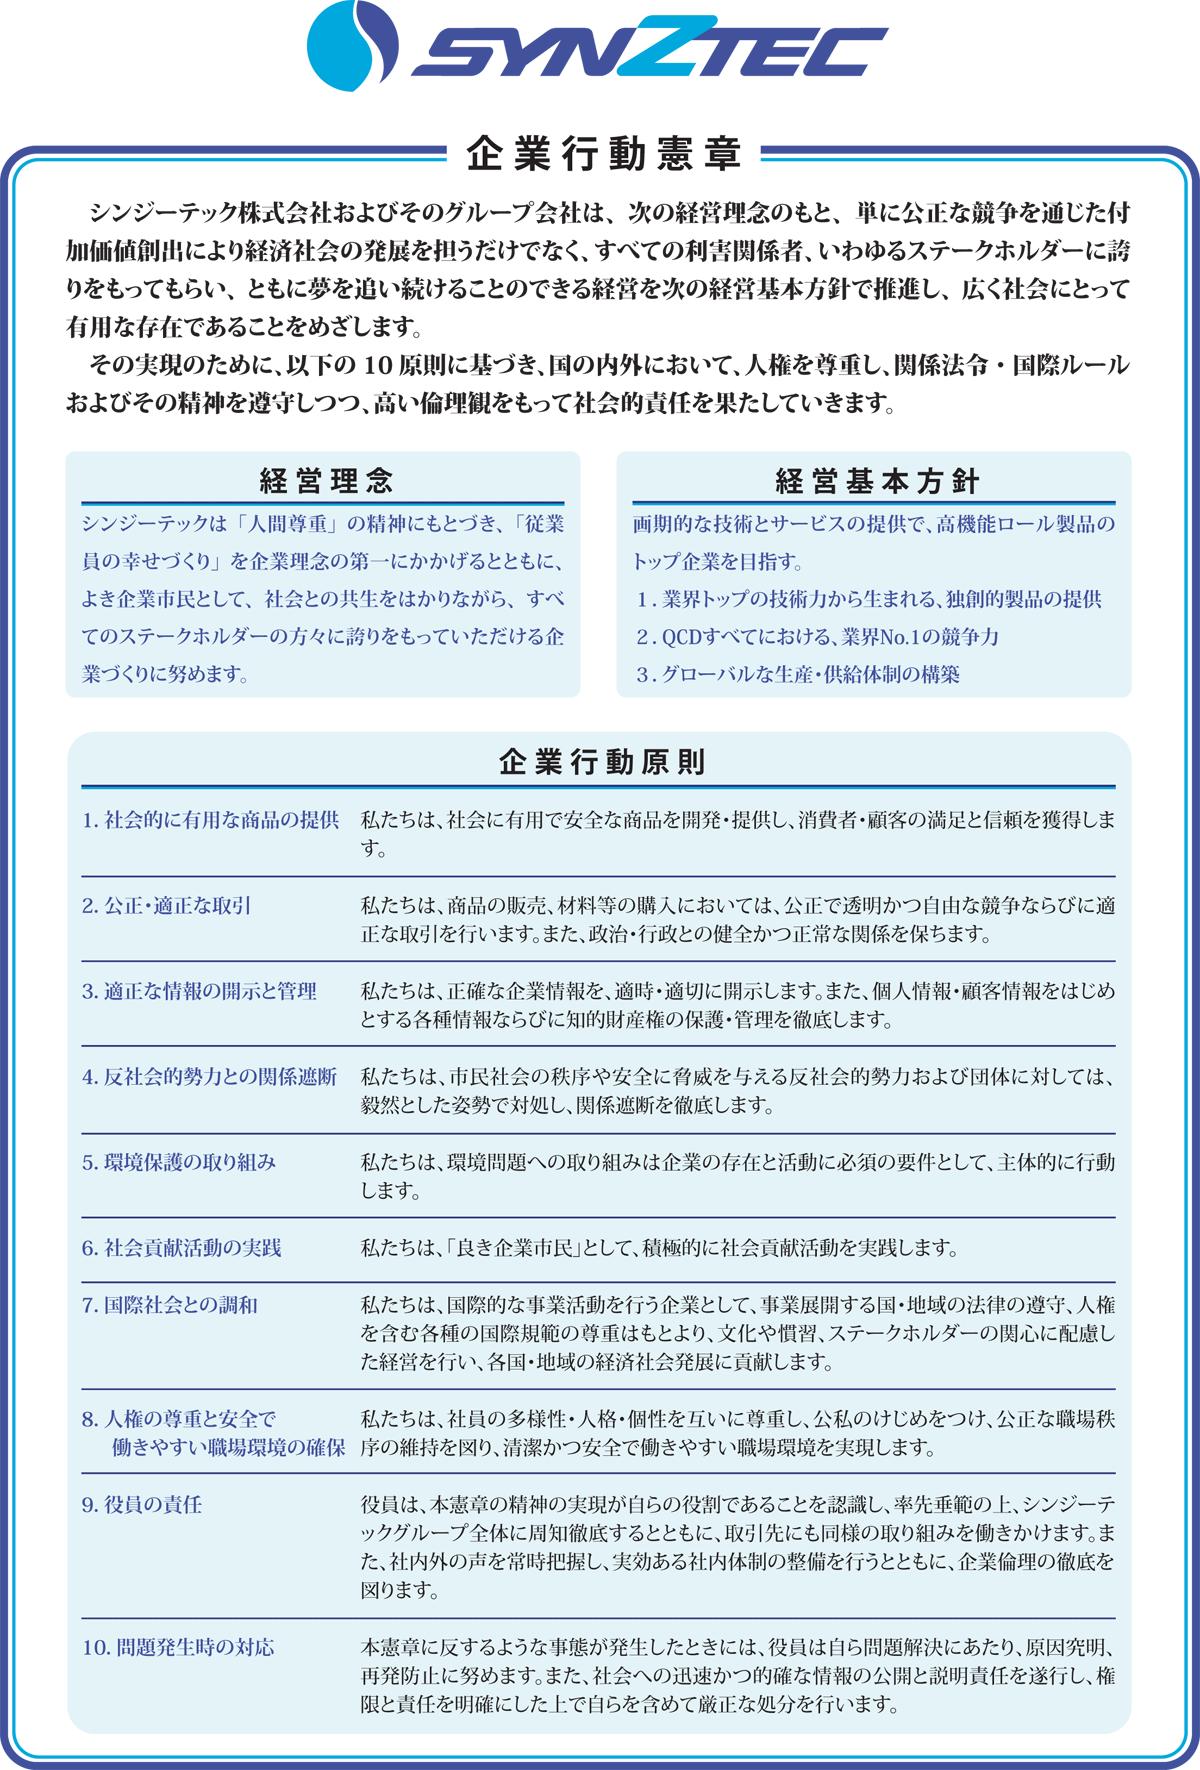 企業行動憲章SZT171101(改訂版)_A3